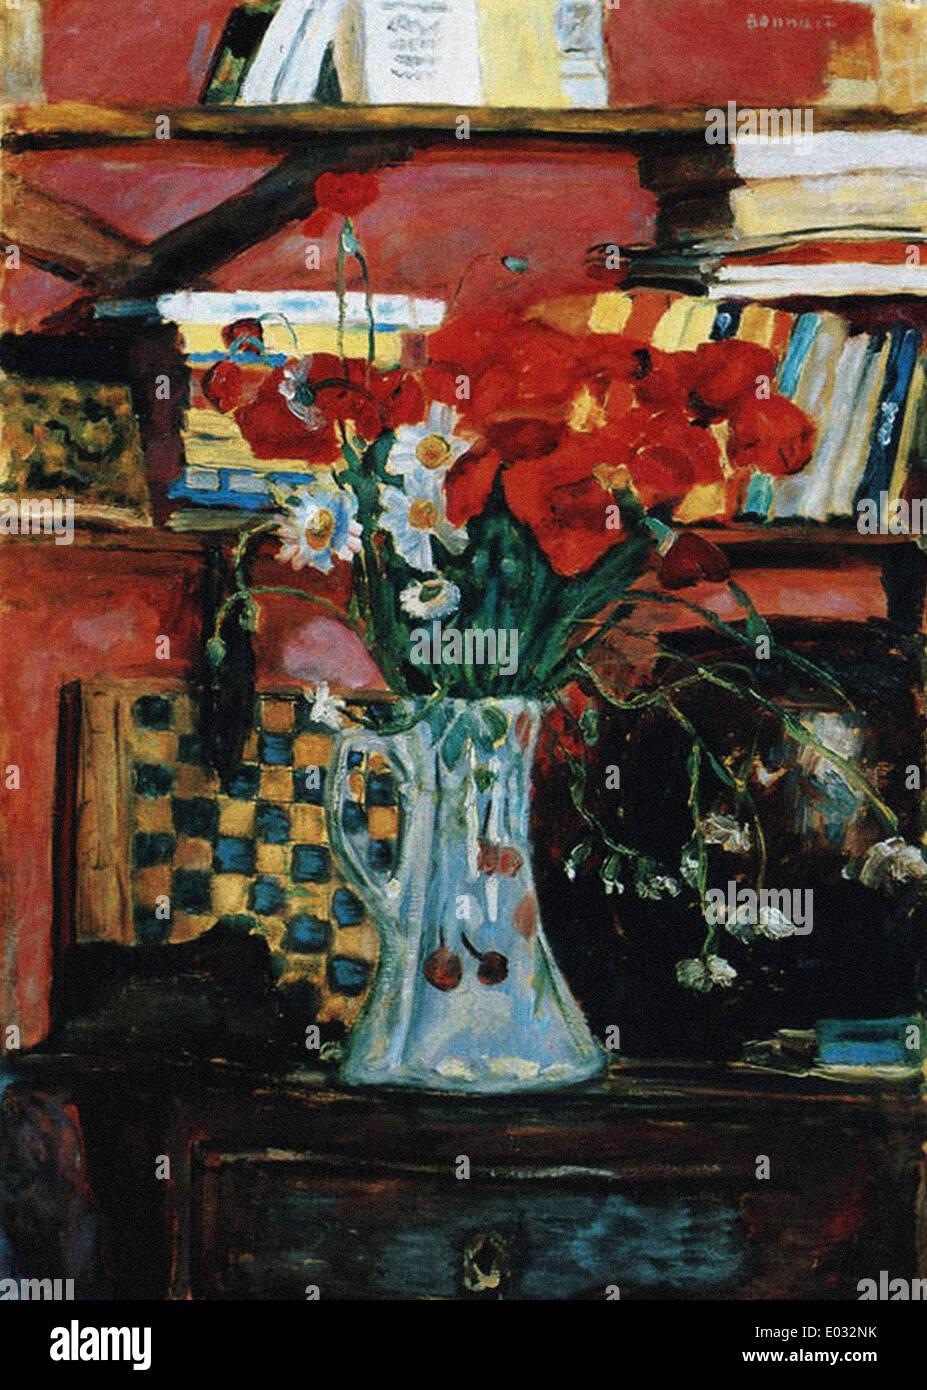 Pierre Bonnard Fleurs et Livres - Stock Image